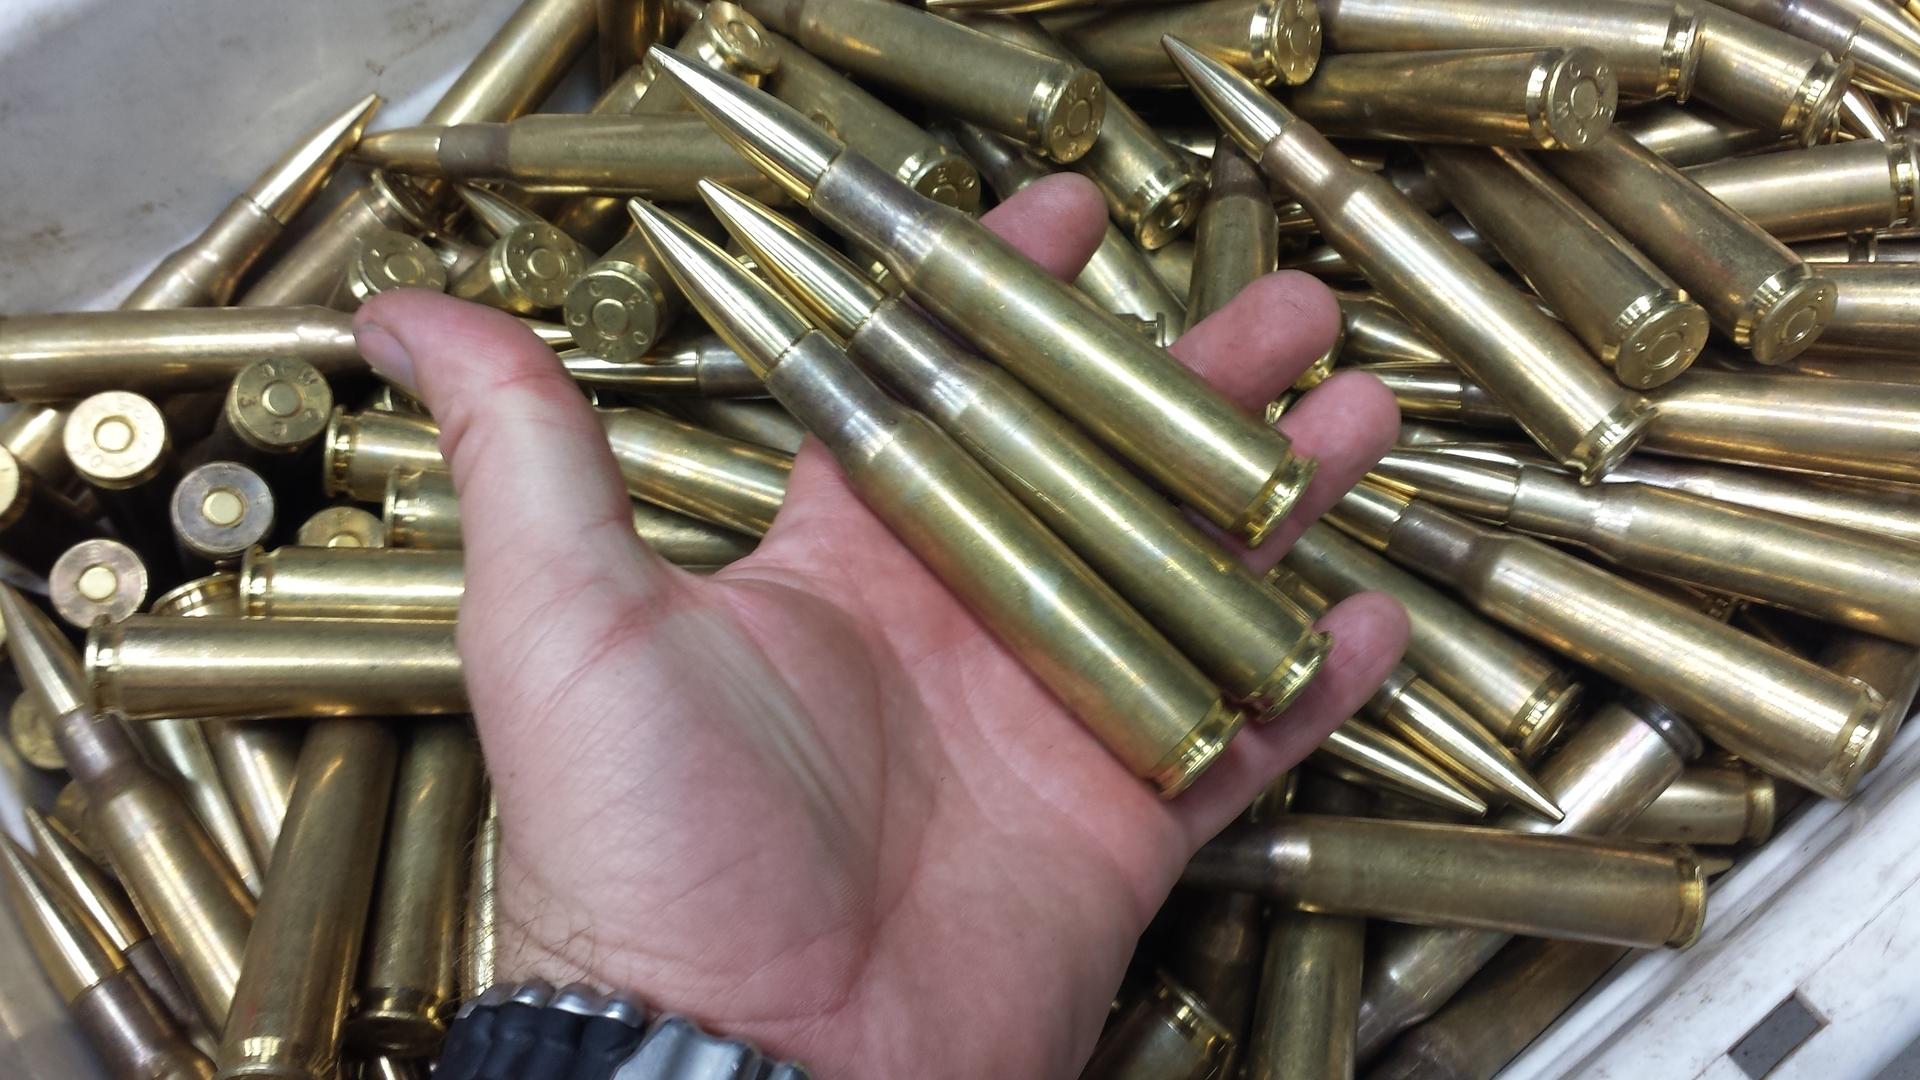 Ammunition, Brass, Bullet, Gun, Pistol